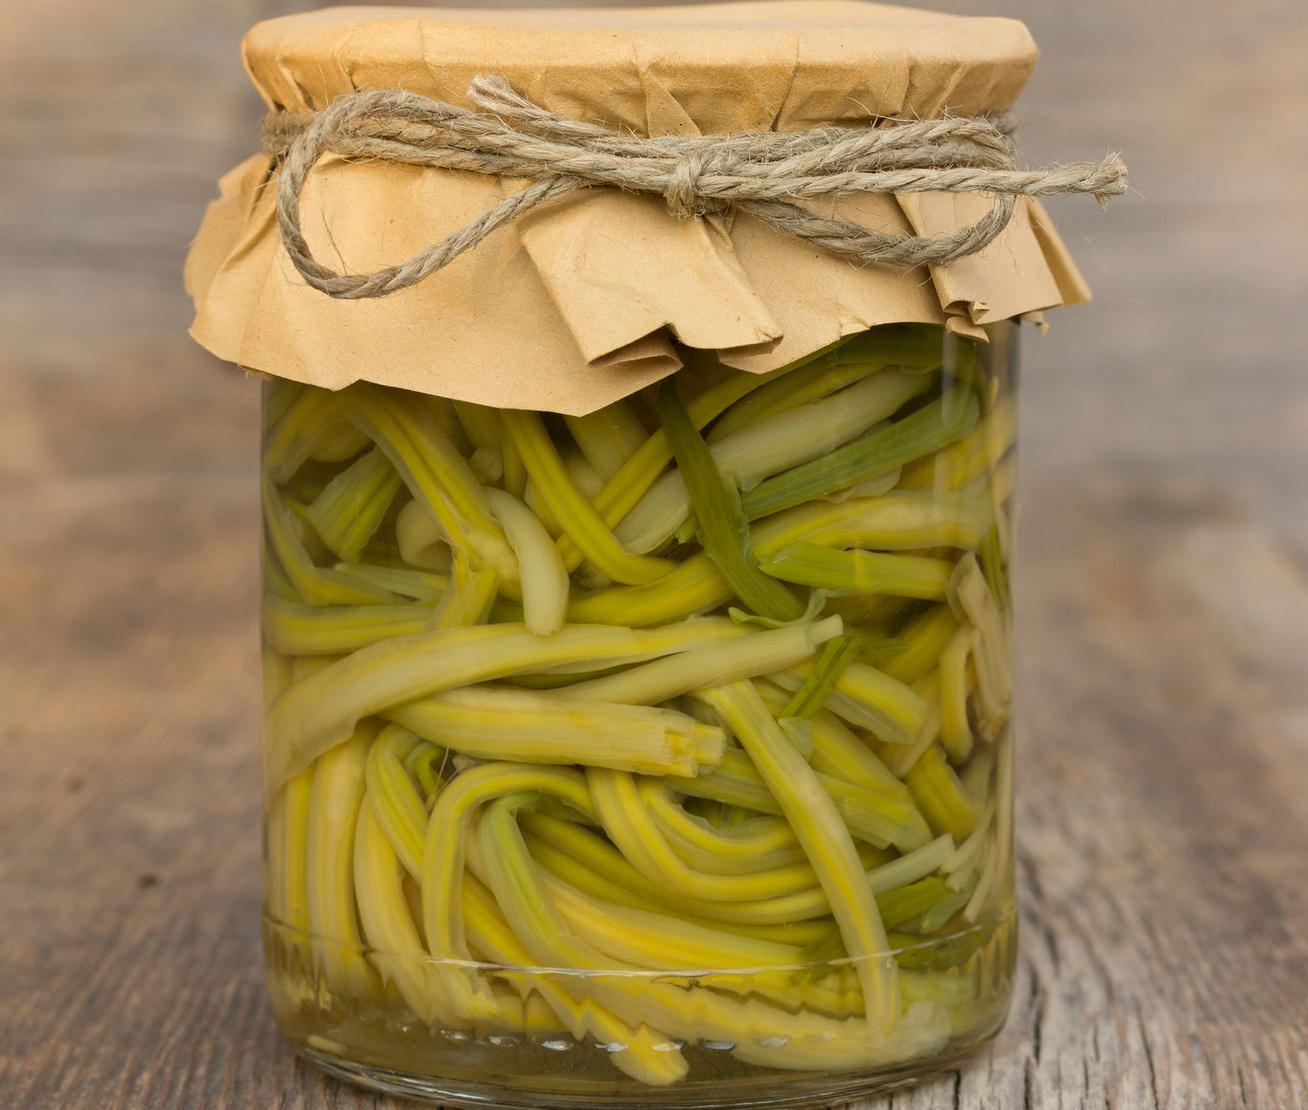 Roppanós zöldbab üvegben eltéve - Ez a legegyszerűbb módszer